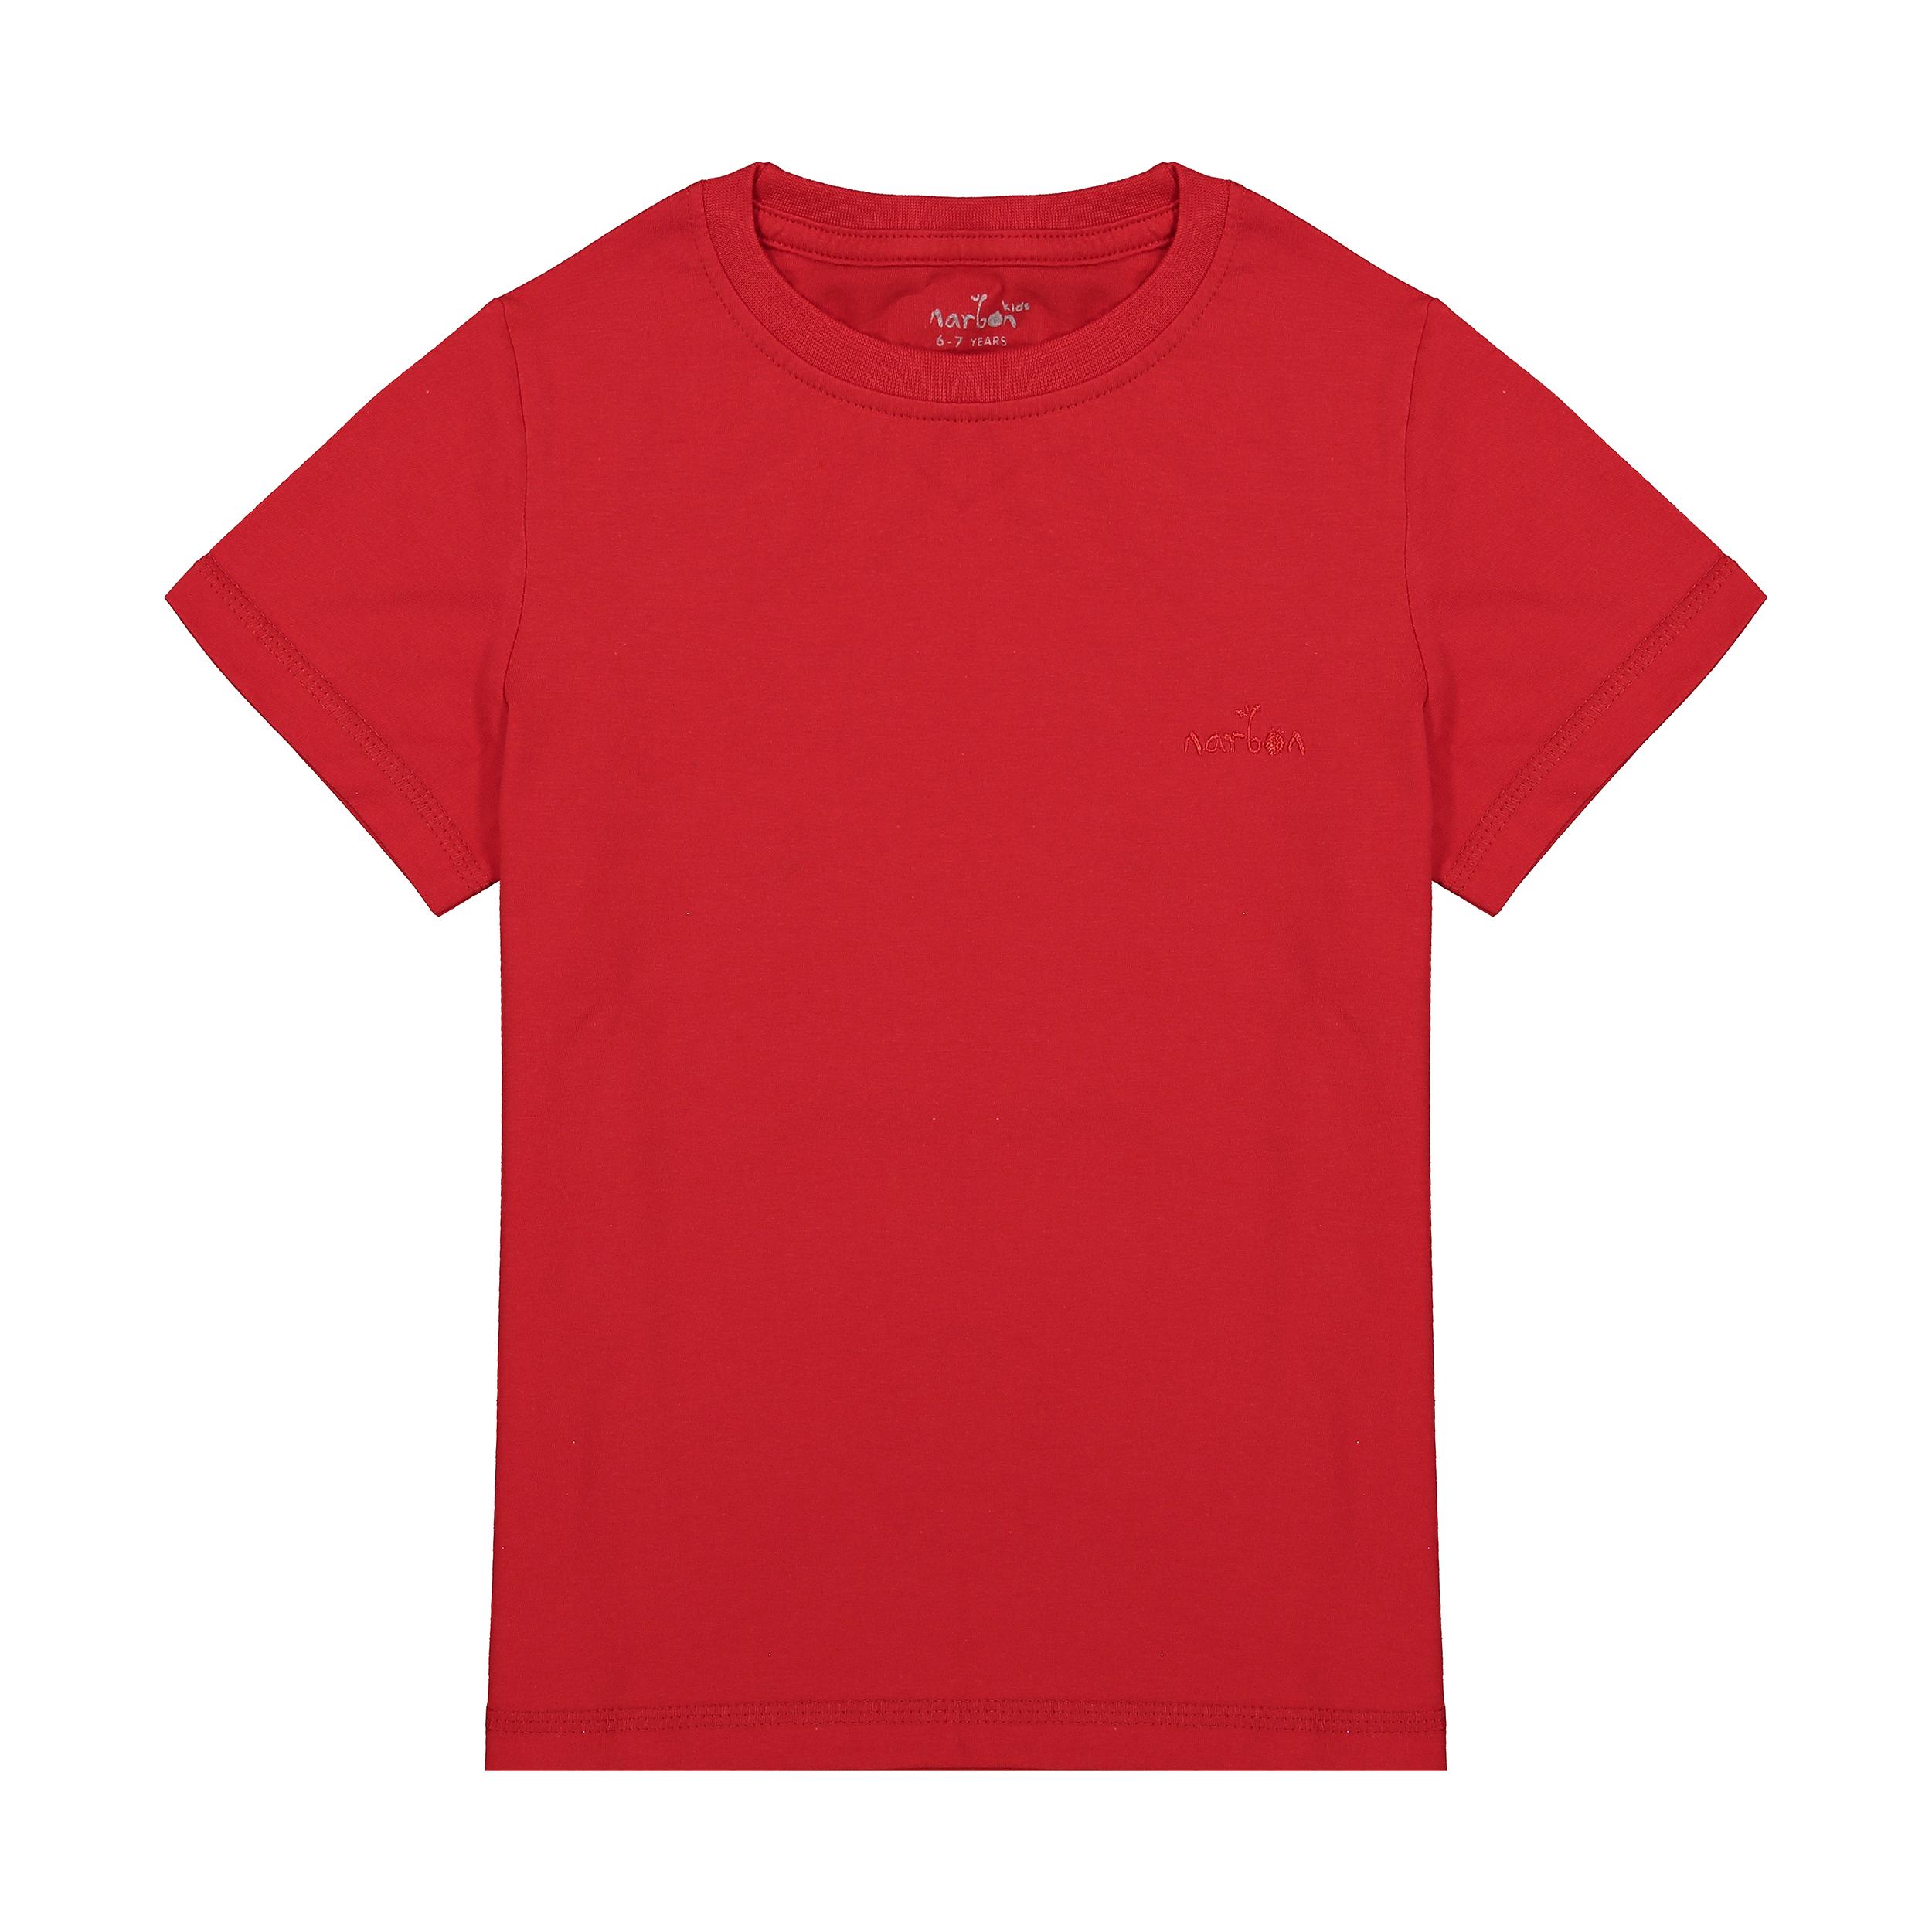 تی شرت بچگانه ناربن مدل 1521182-72